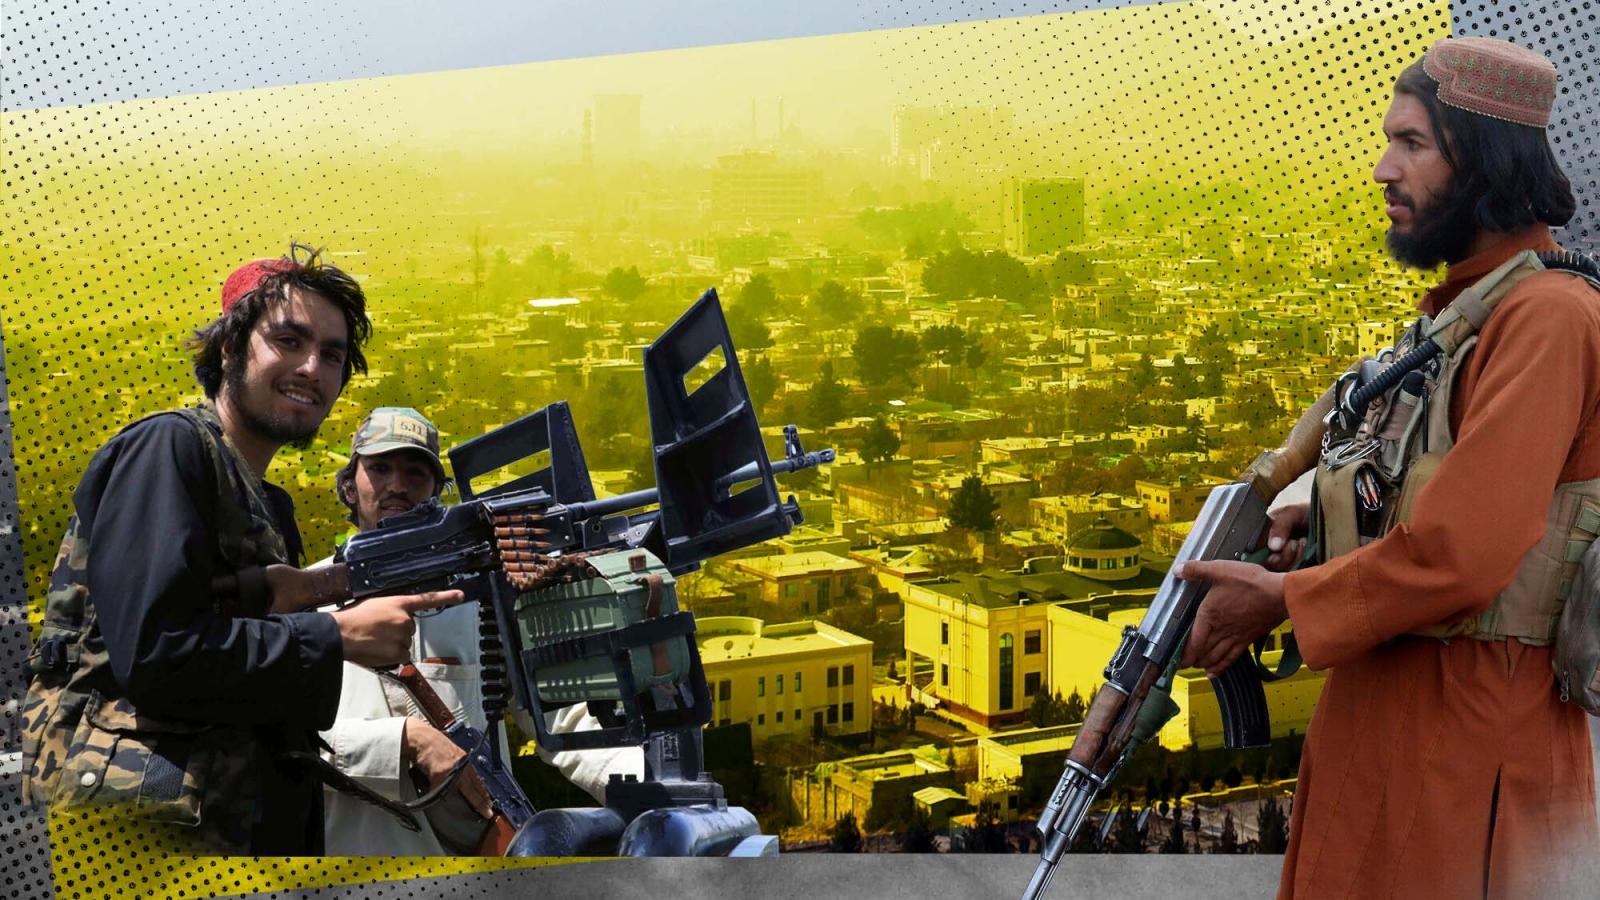 Thủ đô Kabul (Afghanistan) dưới chế độ Taliban lần 2: Yên tĩnh trong căng thẳng